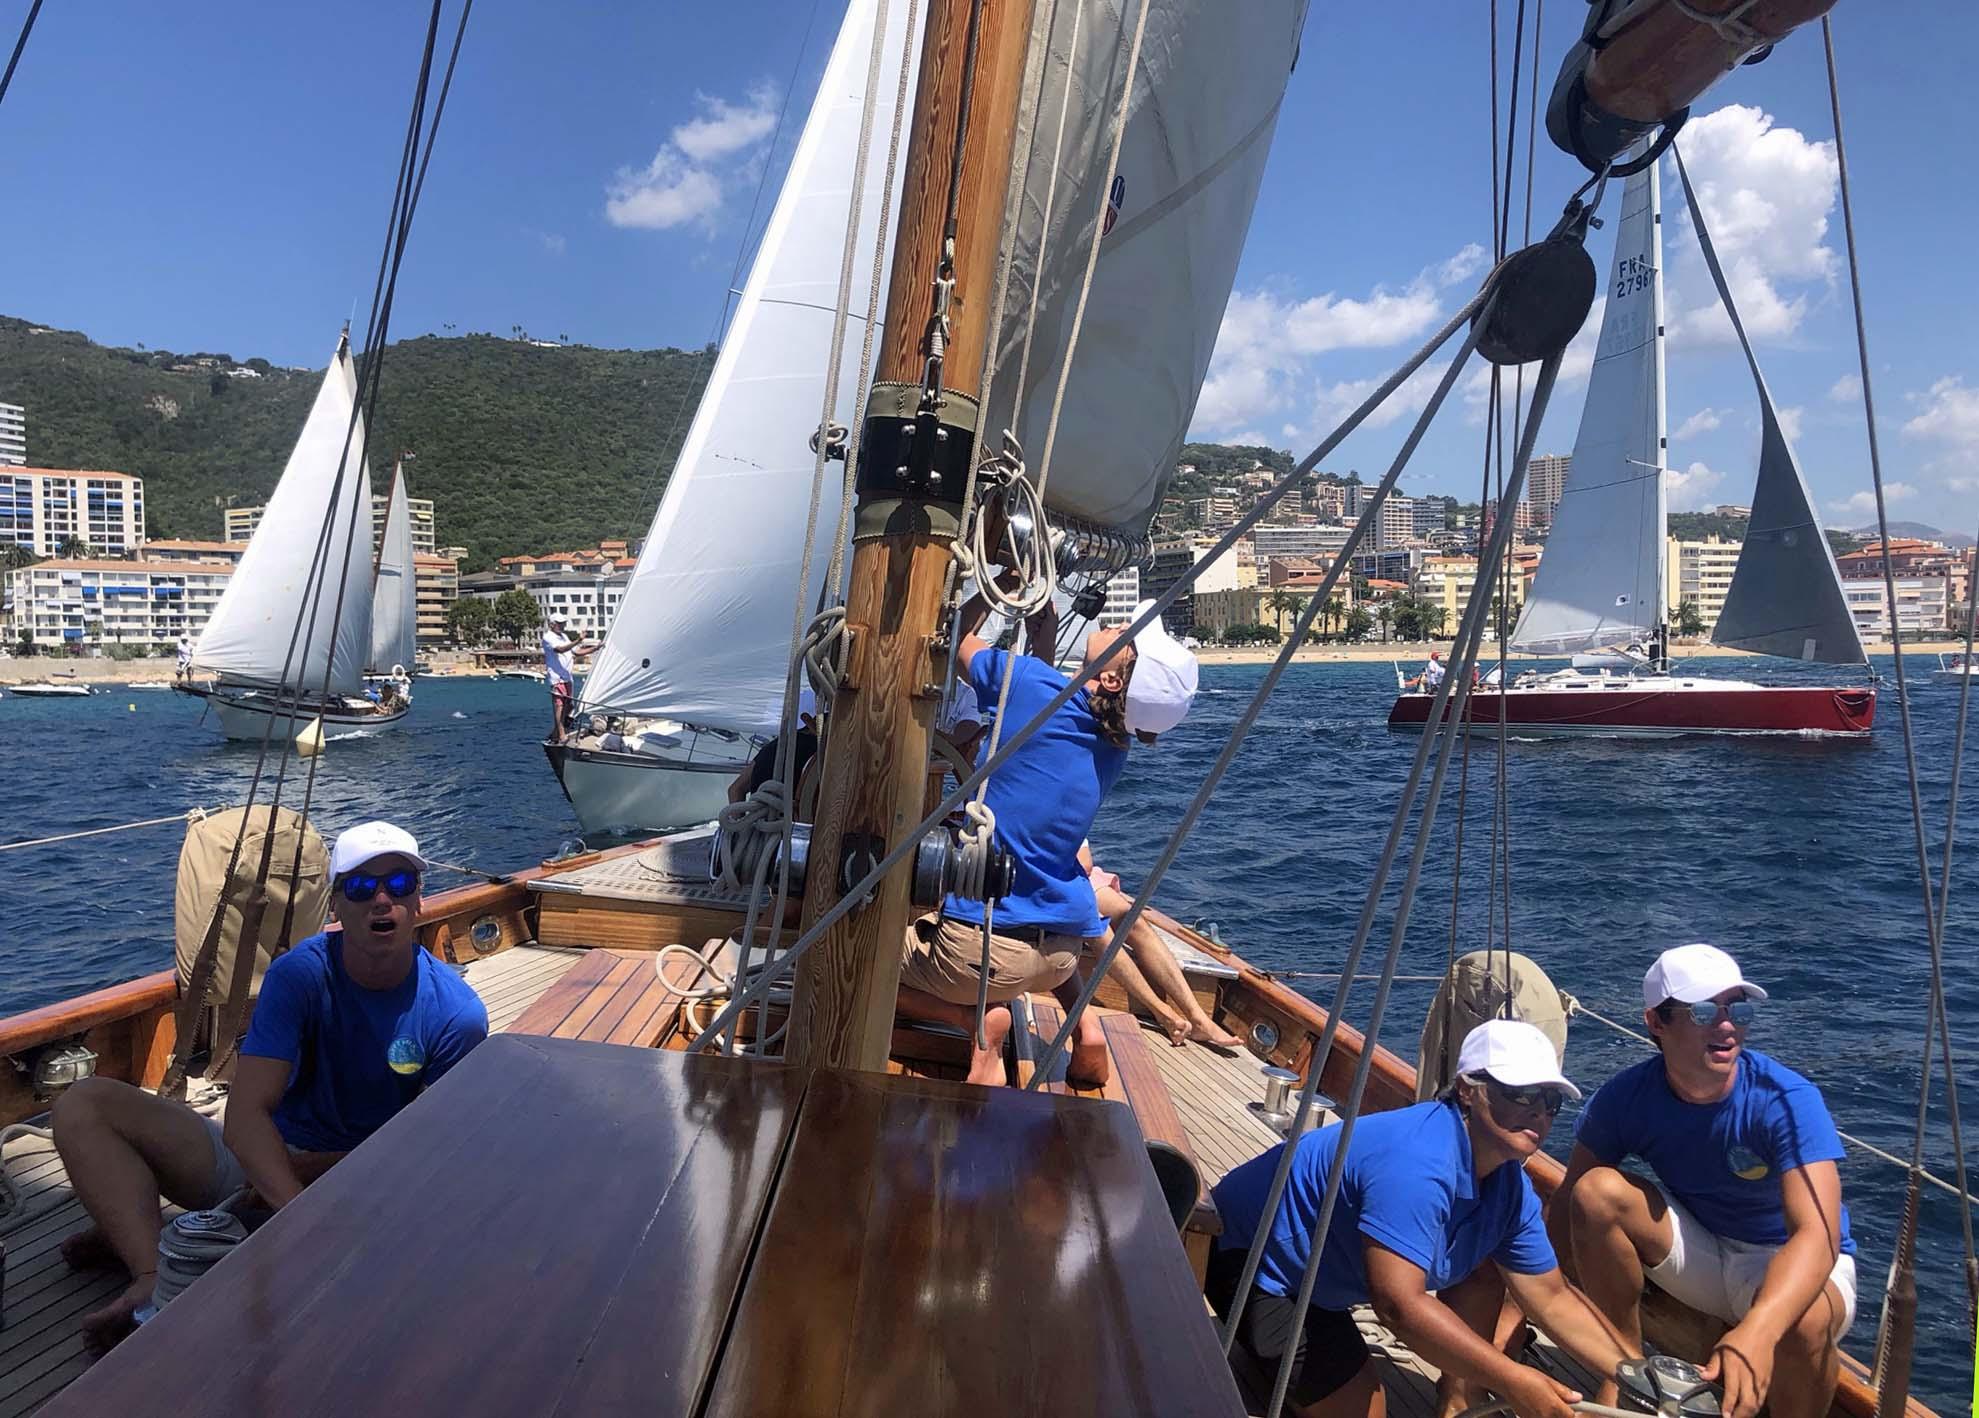 Régates Napoléon 2020 ligne de départ SY Hygie x Squadra Mare e Vela photo Katia Kulawick-Assante DR